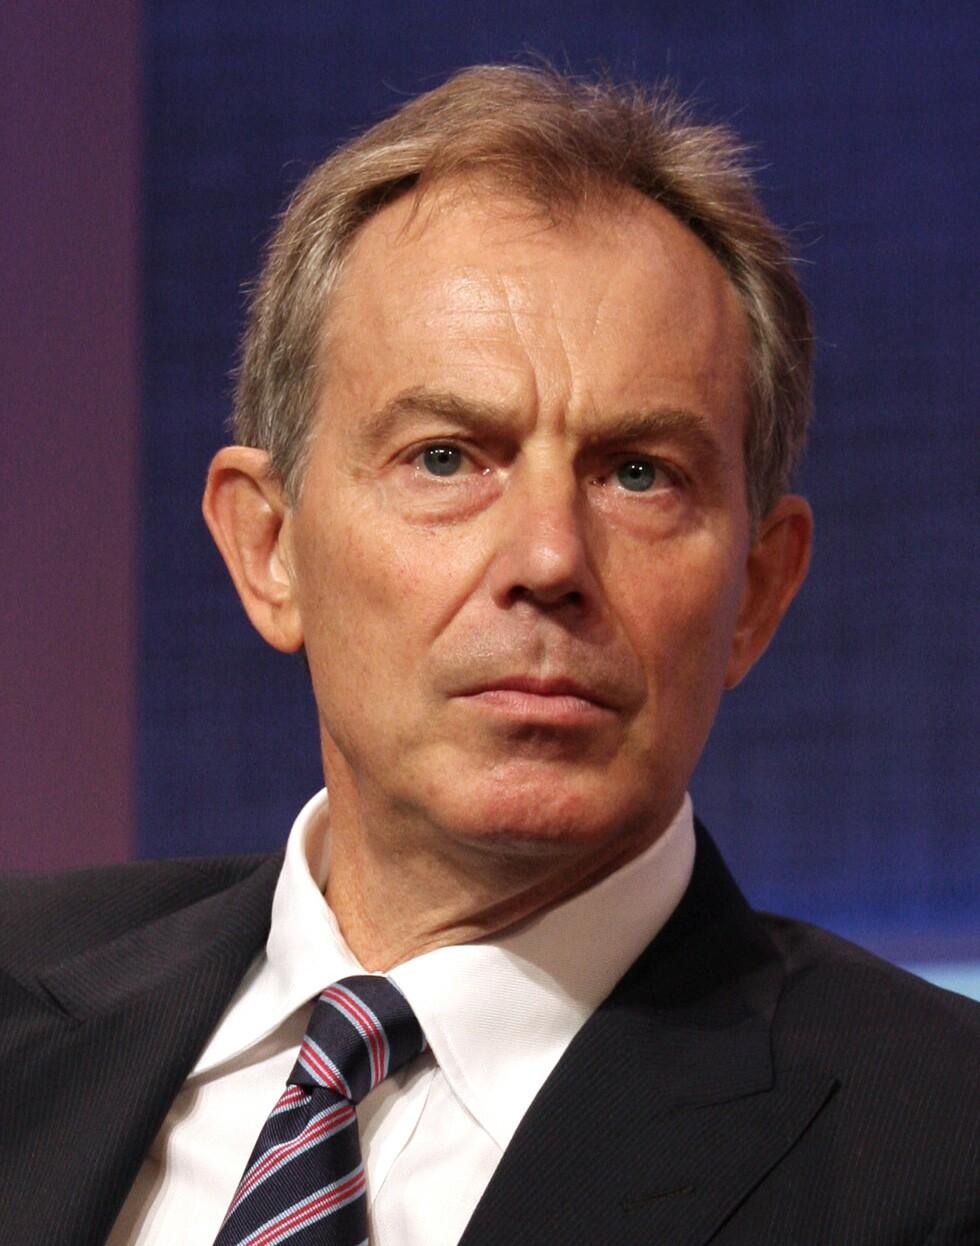 Andrew Scott to play Tony Blair